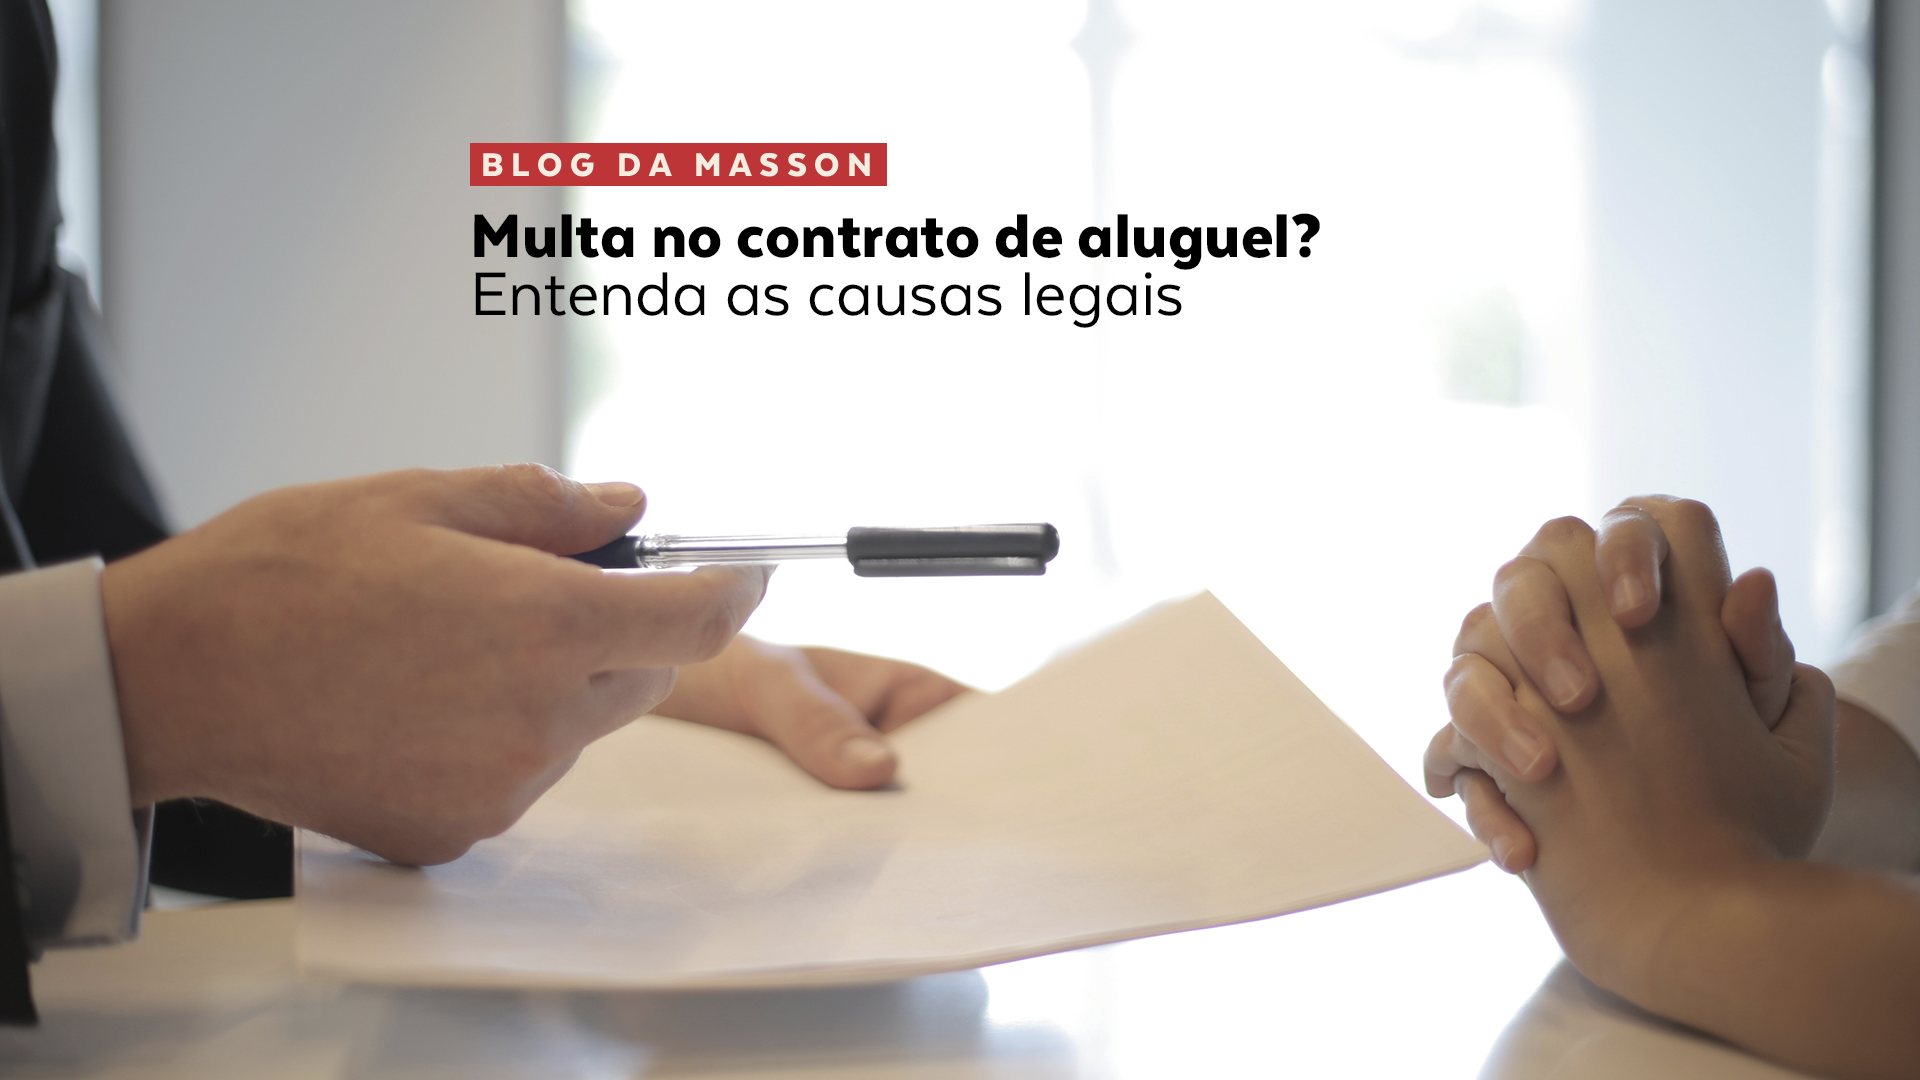 Multa no contrato de aluguel? Entenda as causas legais